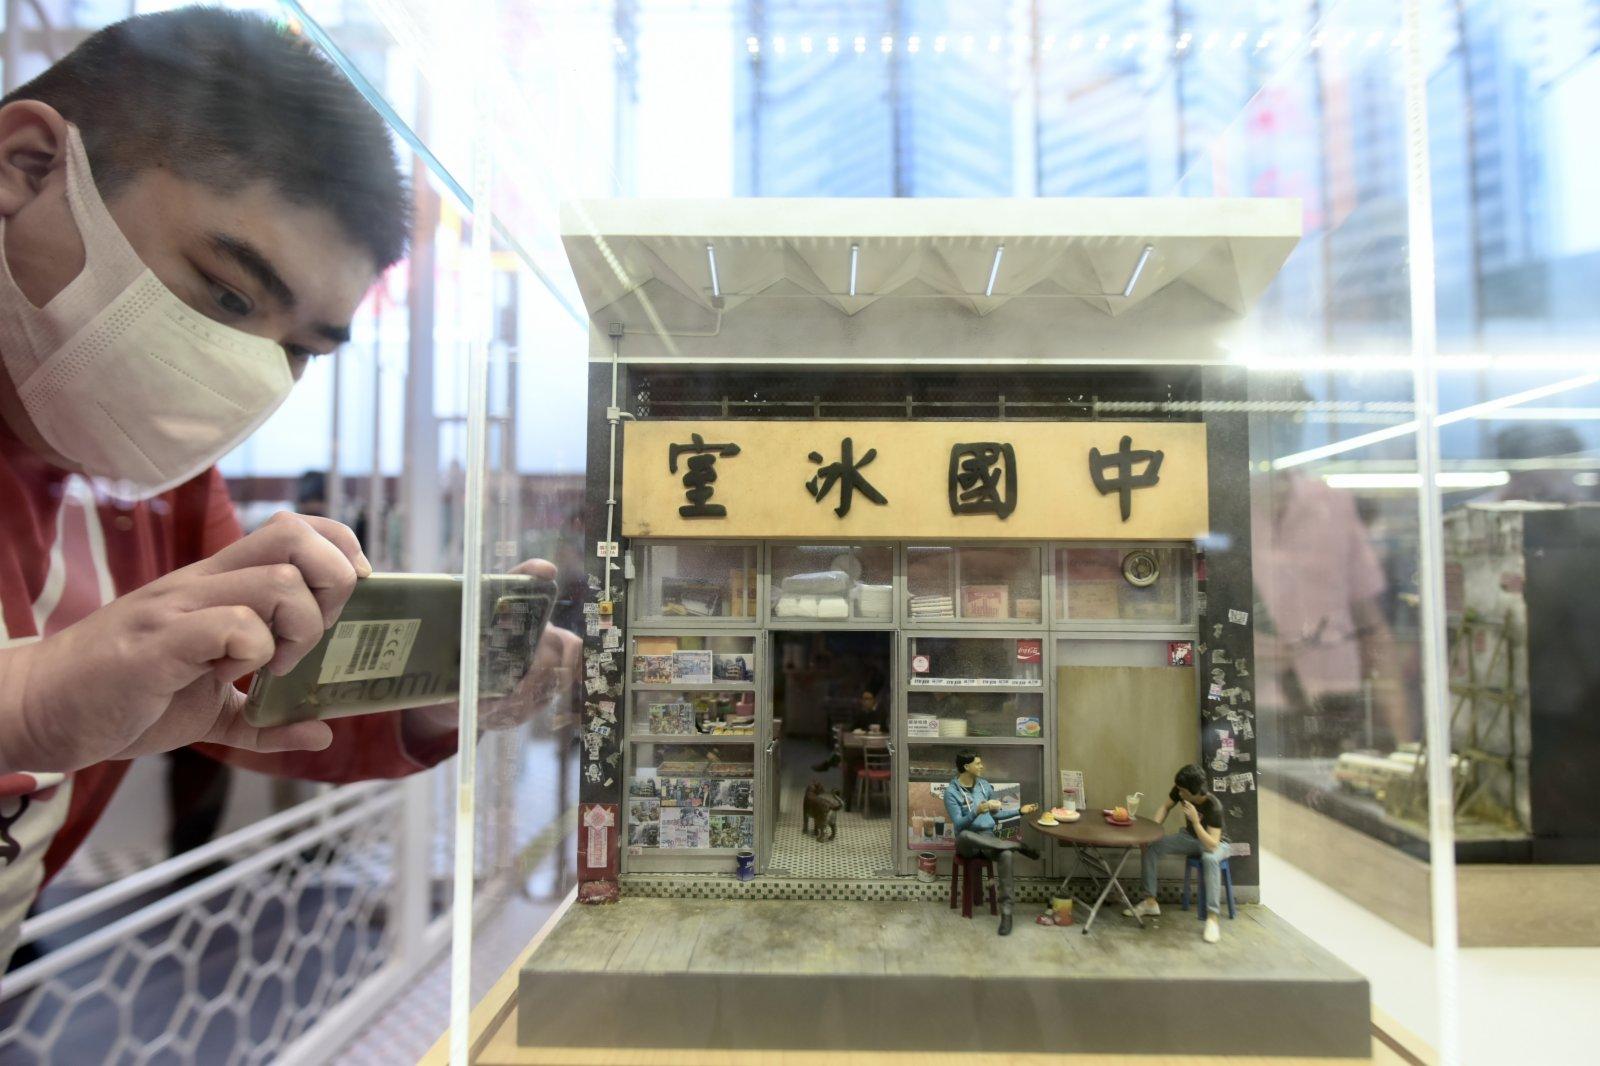 5月3日,香港不少市民慕名前往觀塘全新商場裕民坊,觀賞「官塘  傳情 微縮藝術展」。(香港中通社)